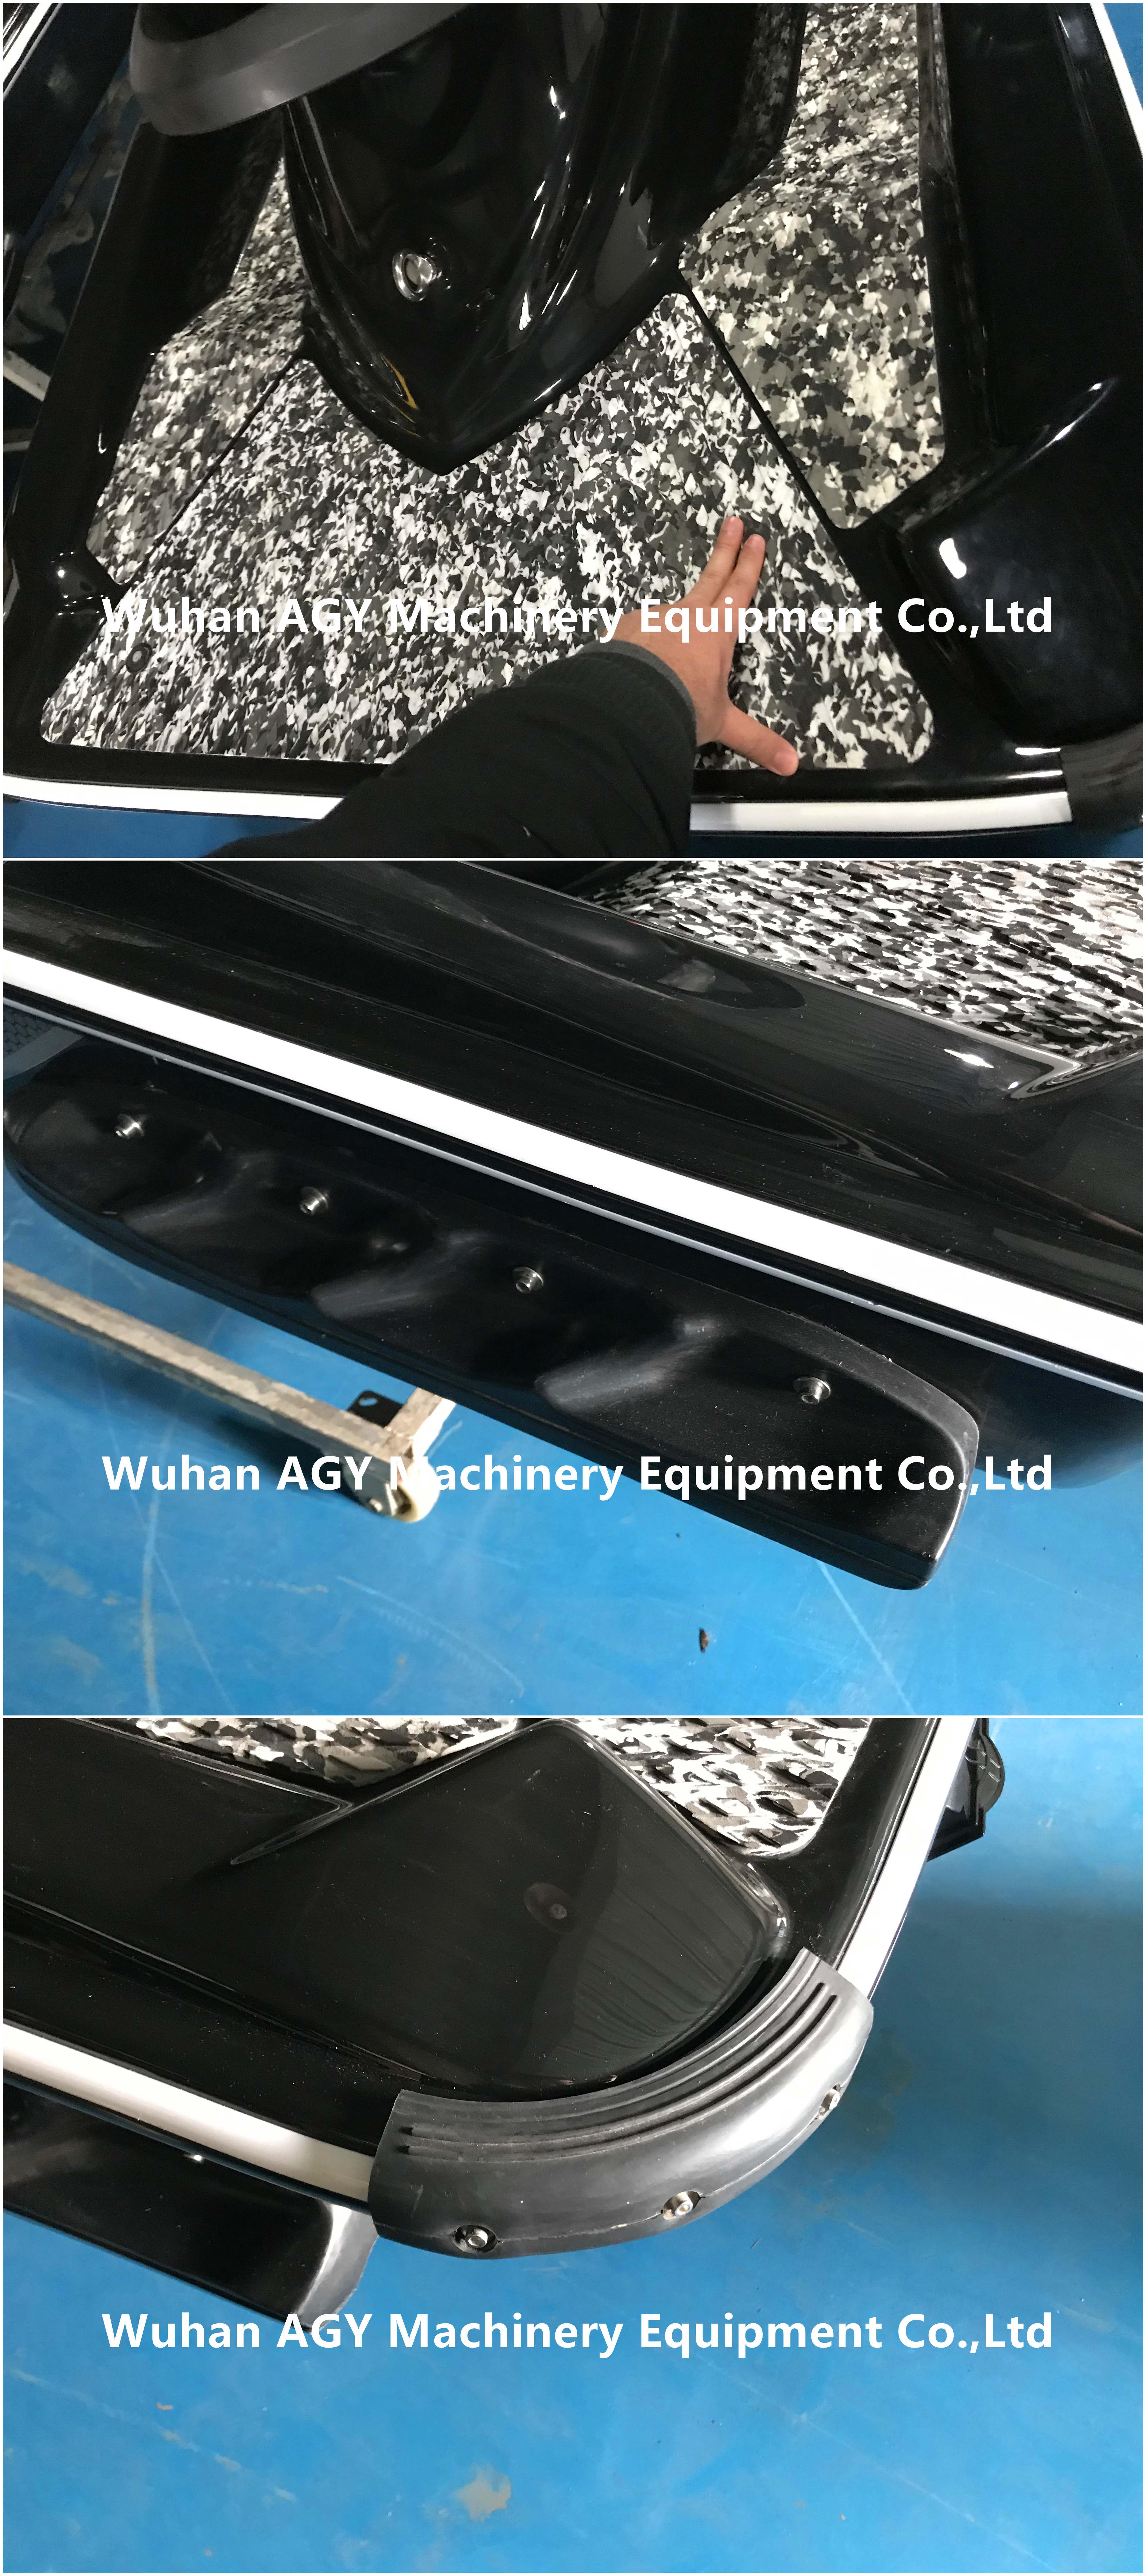 AGY सुजुकी इंजन 1300cc बिक्री के लिए जेट स्की